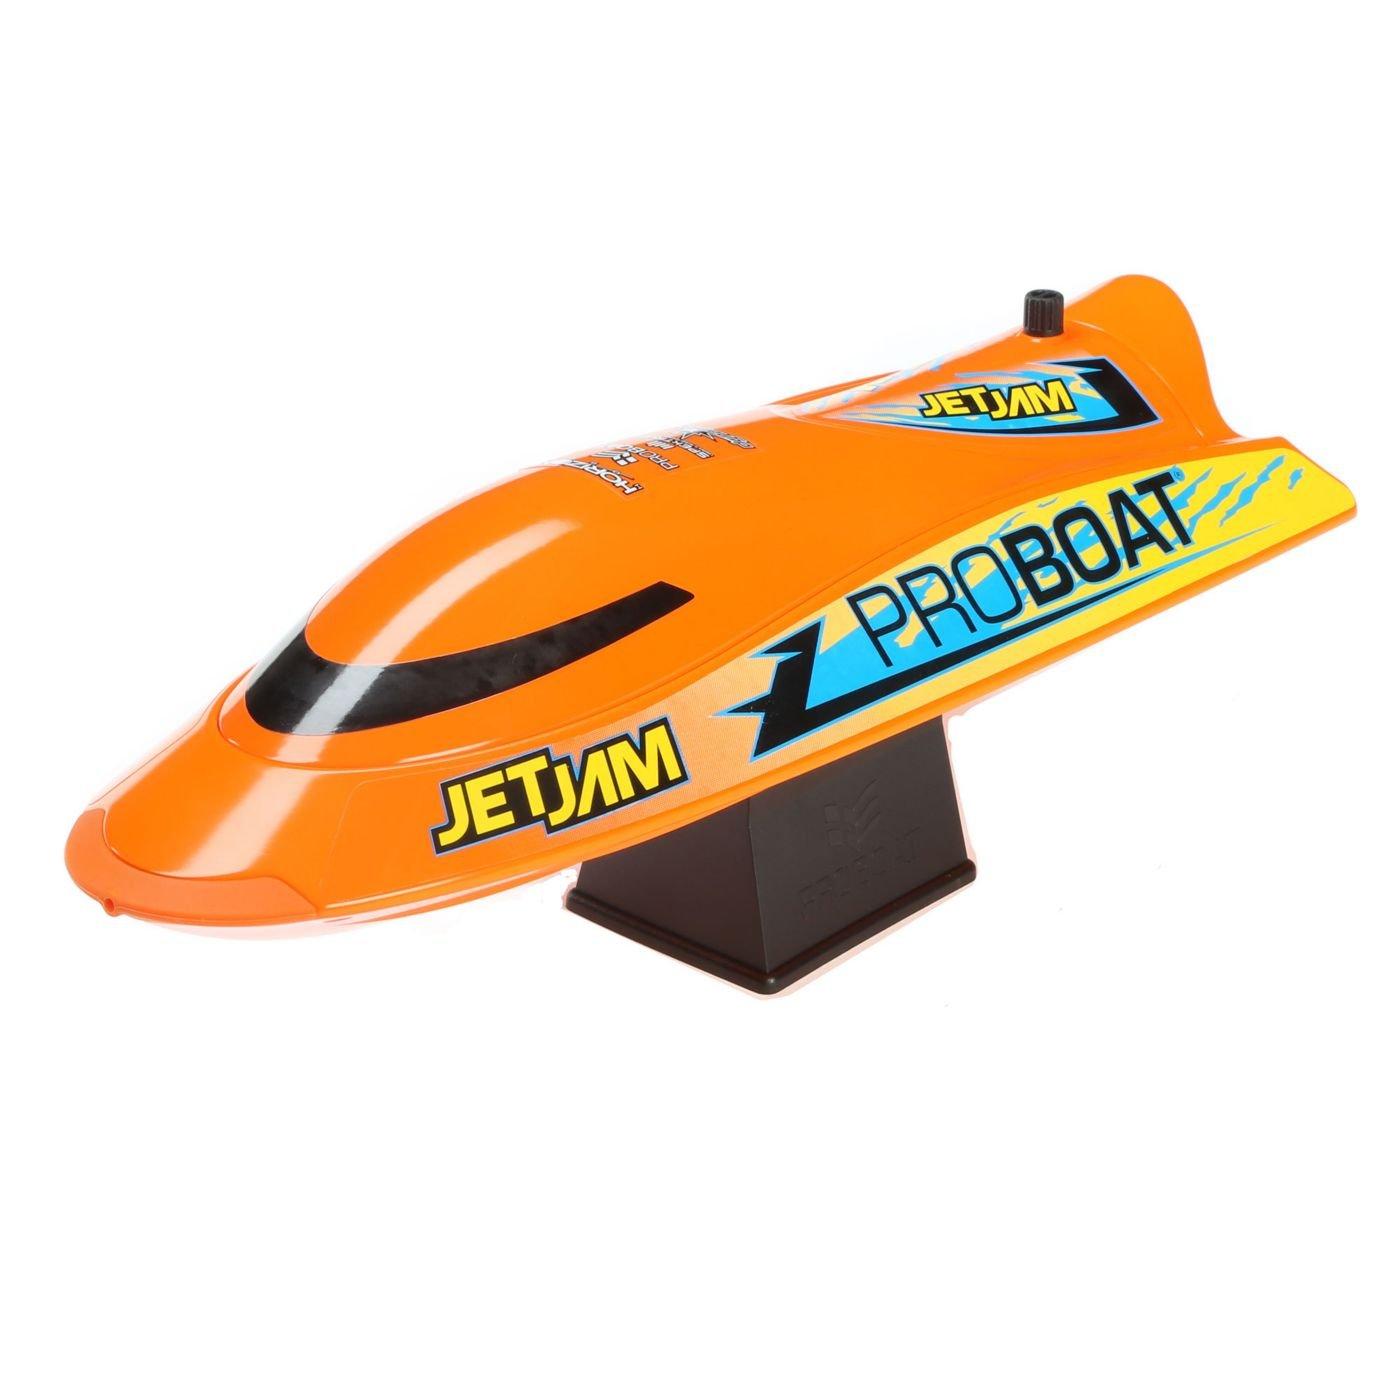 Pro Boat Jet Jam 12'' Pool Racer, Orange: RTR, PRB08031T1